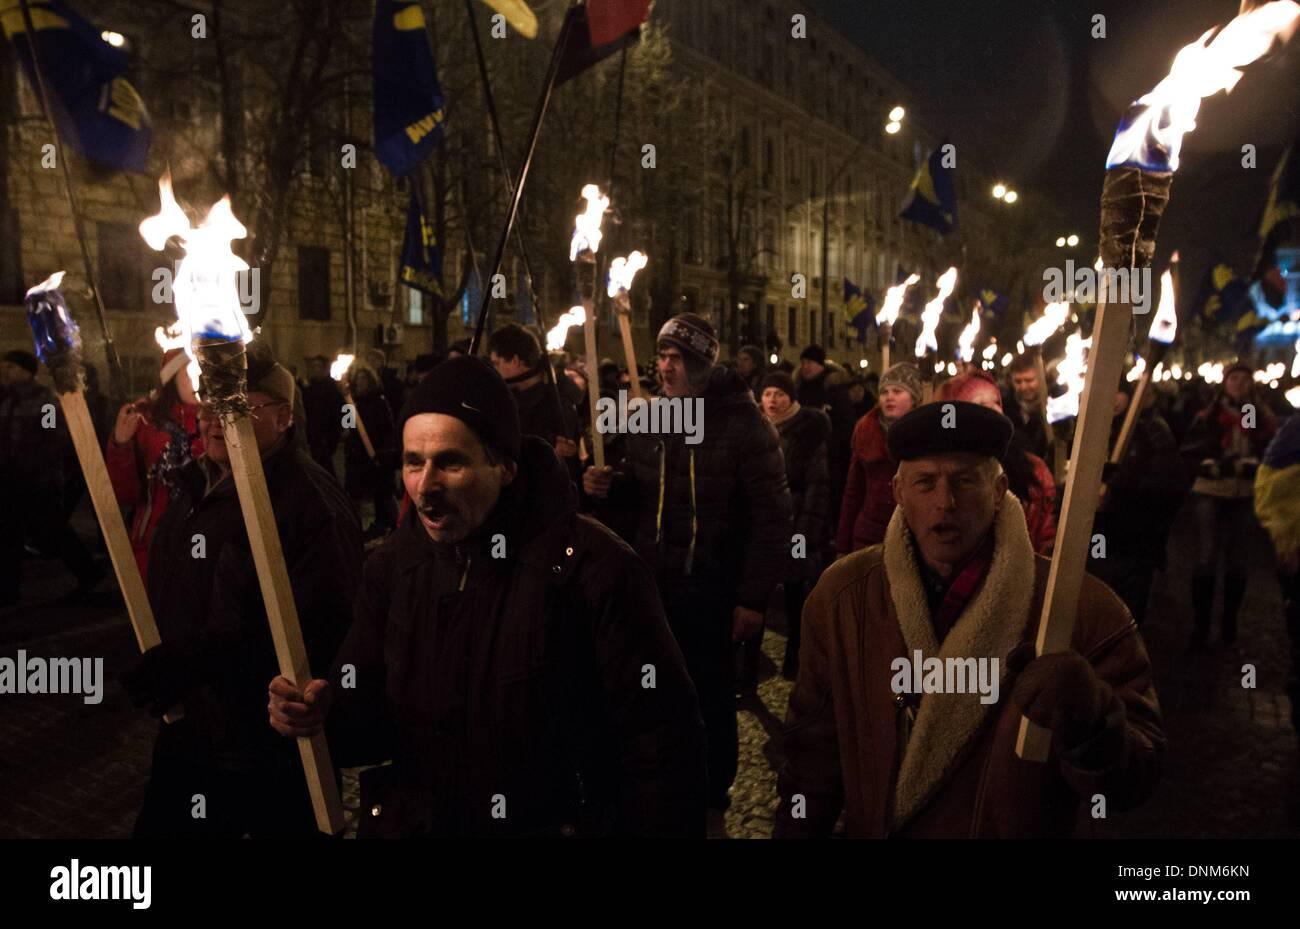 Kiev, Ucraina. 1a gen, 2014. Circa 15000 persone hanno marciato attraverso Kiev a onore della Stepan Bandera, glorificato Foto Stock